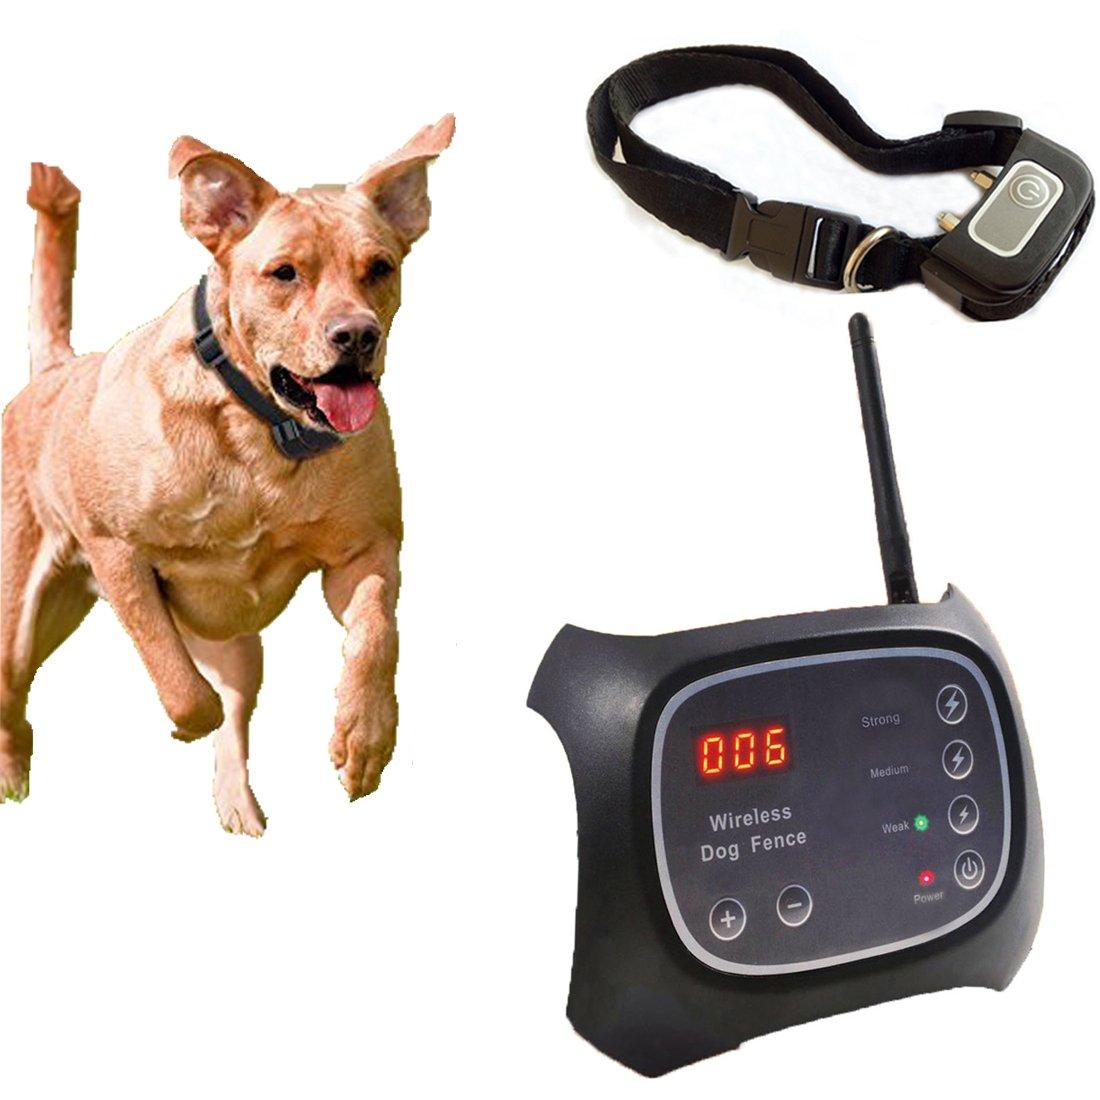 [2018 nuova versione] WiFi radio cane recinzione/invisibile segnale cane recinzione/area di copertur